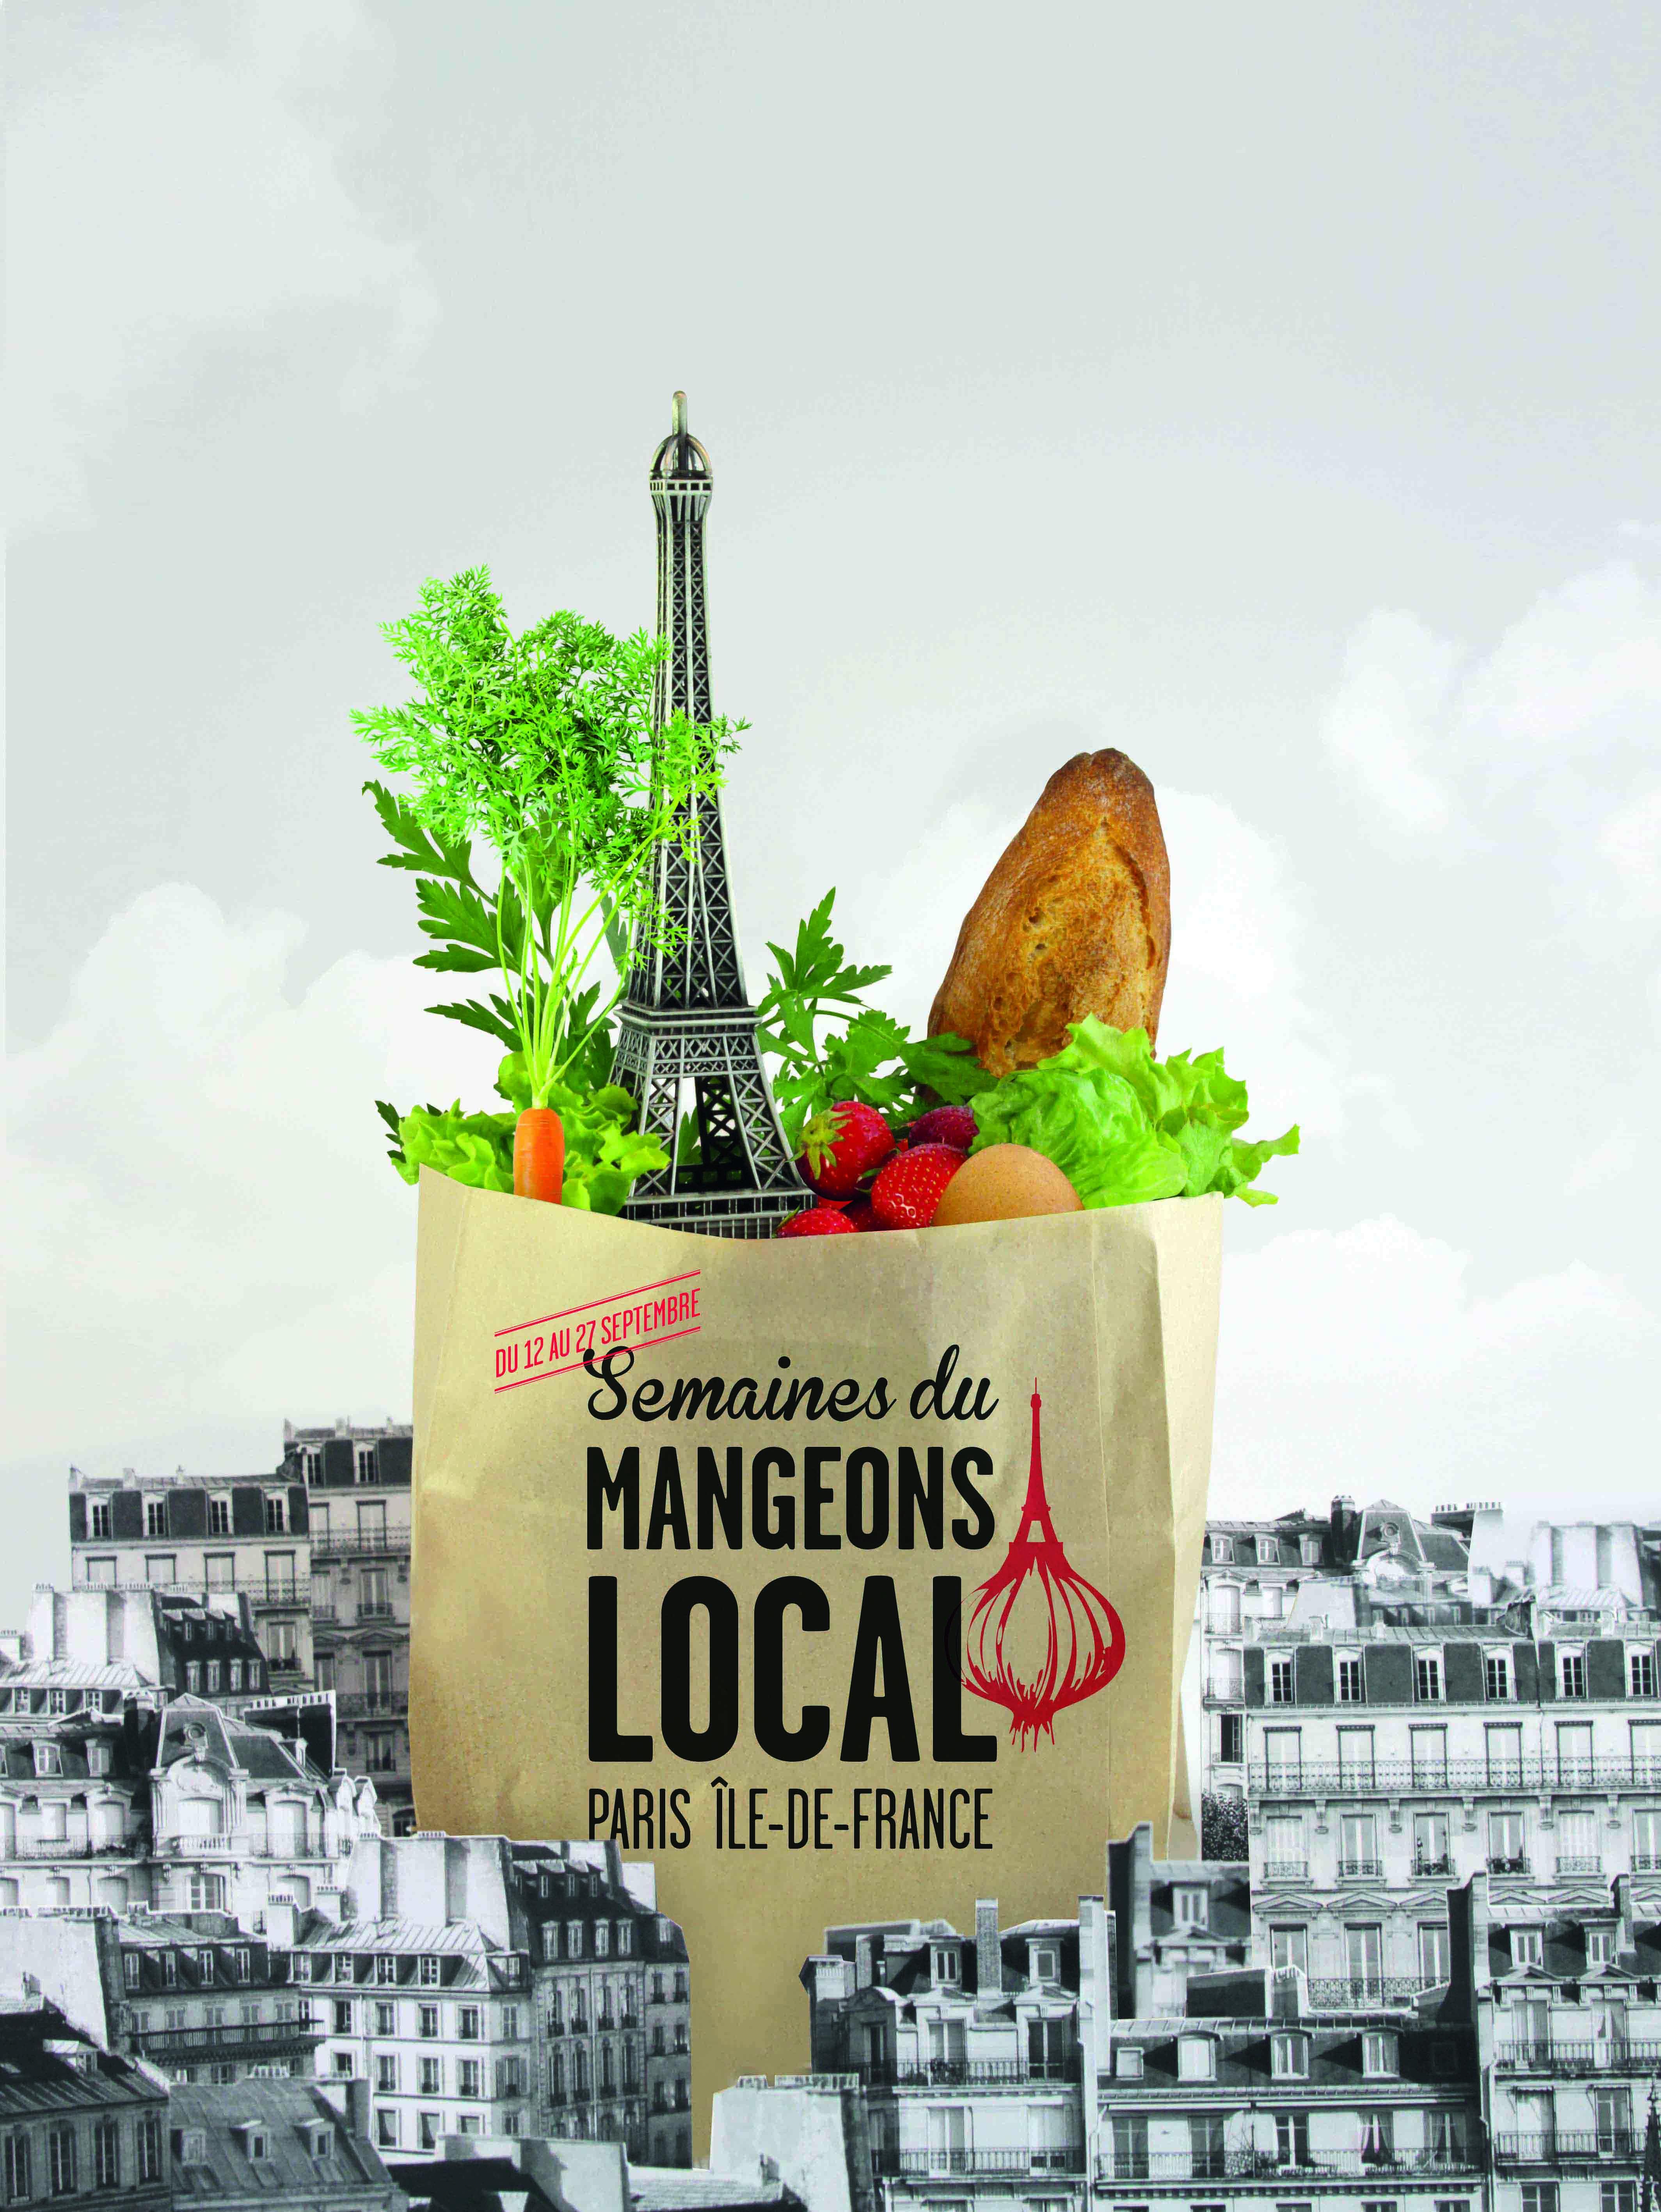 rencontre marocaine en france gratuit Neuilly-sur-Seine